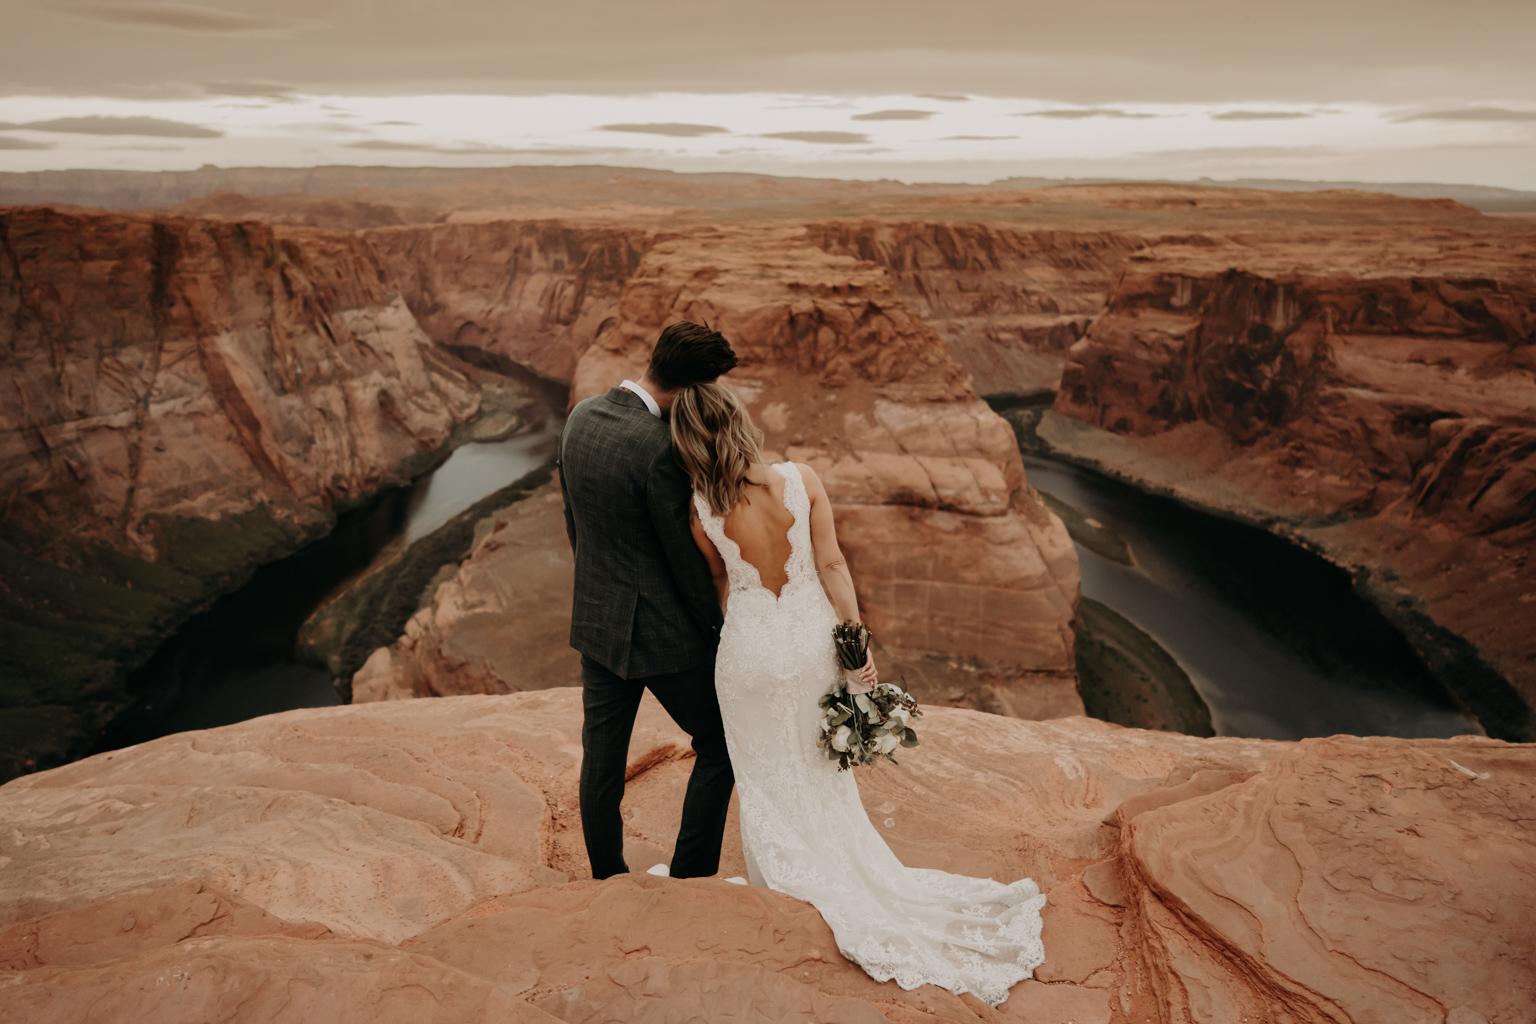 trouweninhetbuitenland_huwelijksfotografie_roxannedankers-1.jpg